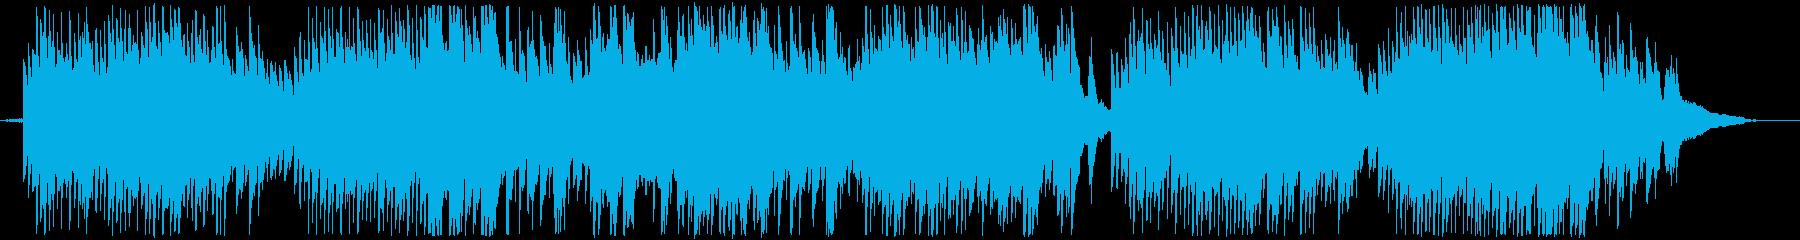 オリジナル曲です。ブライダル用BGMな…の再生済みの波形